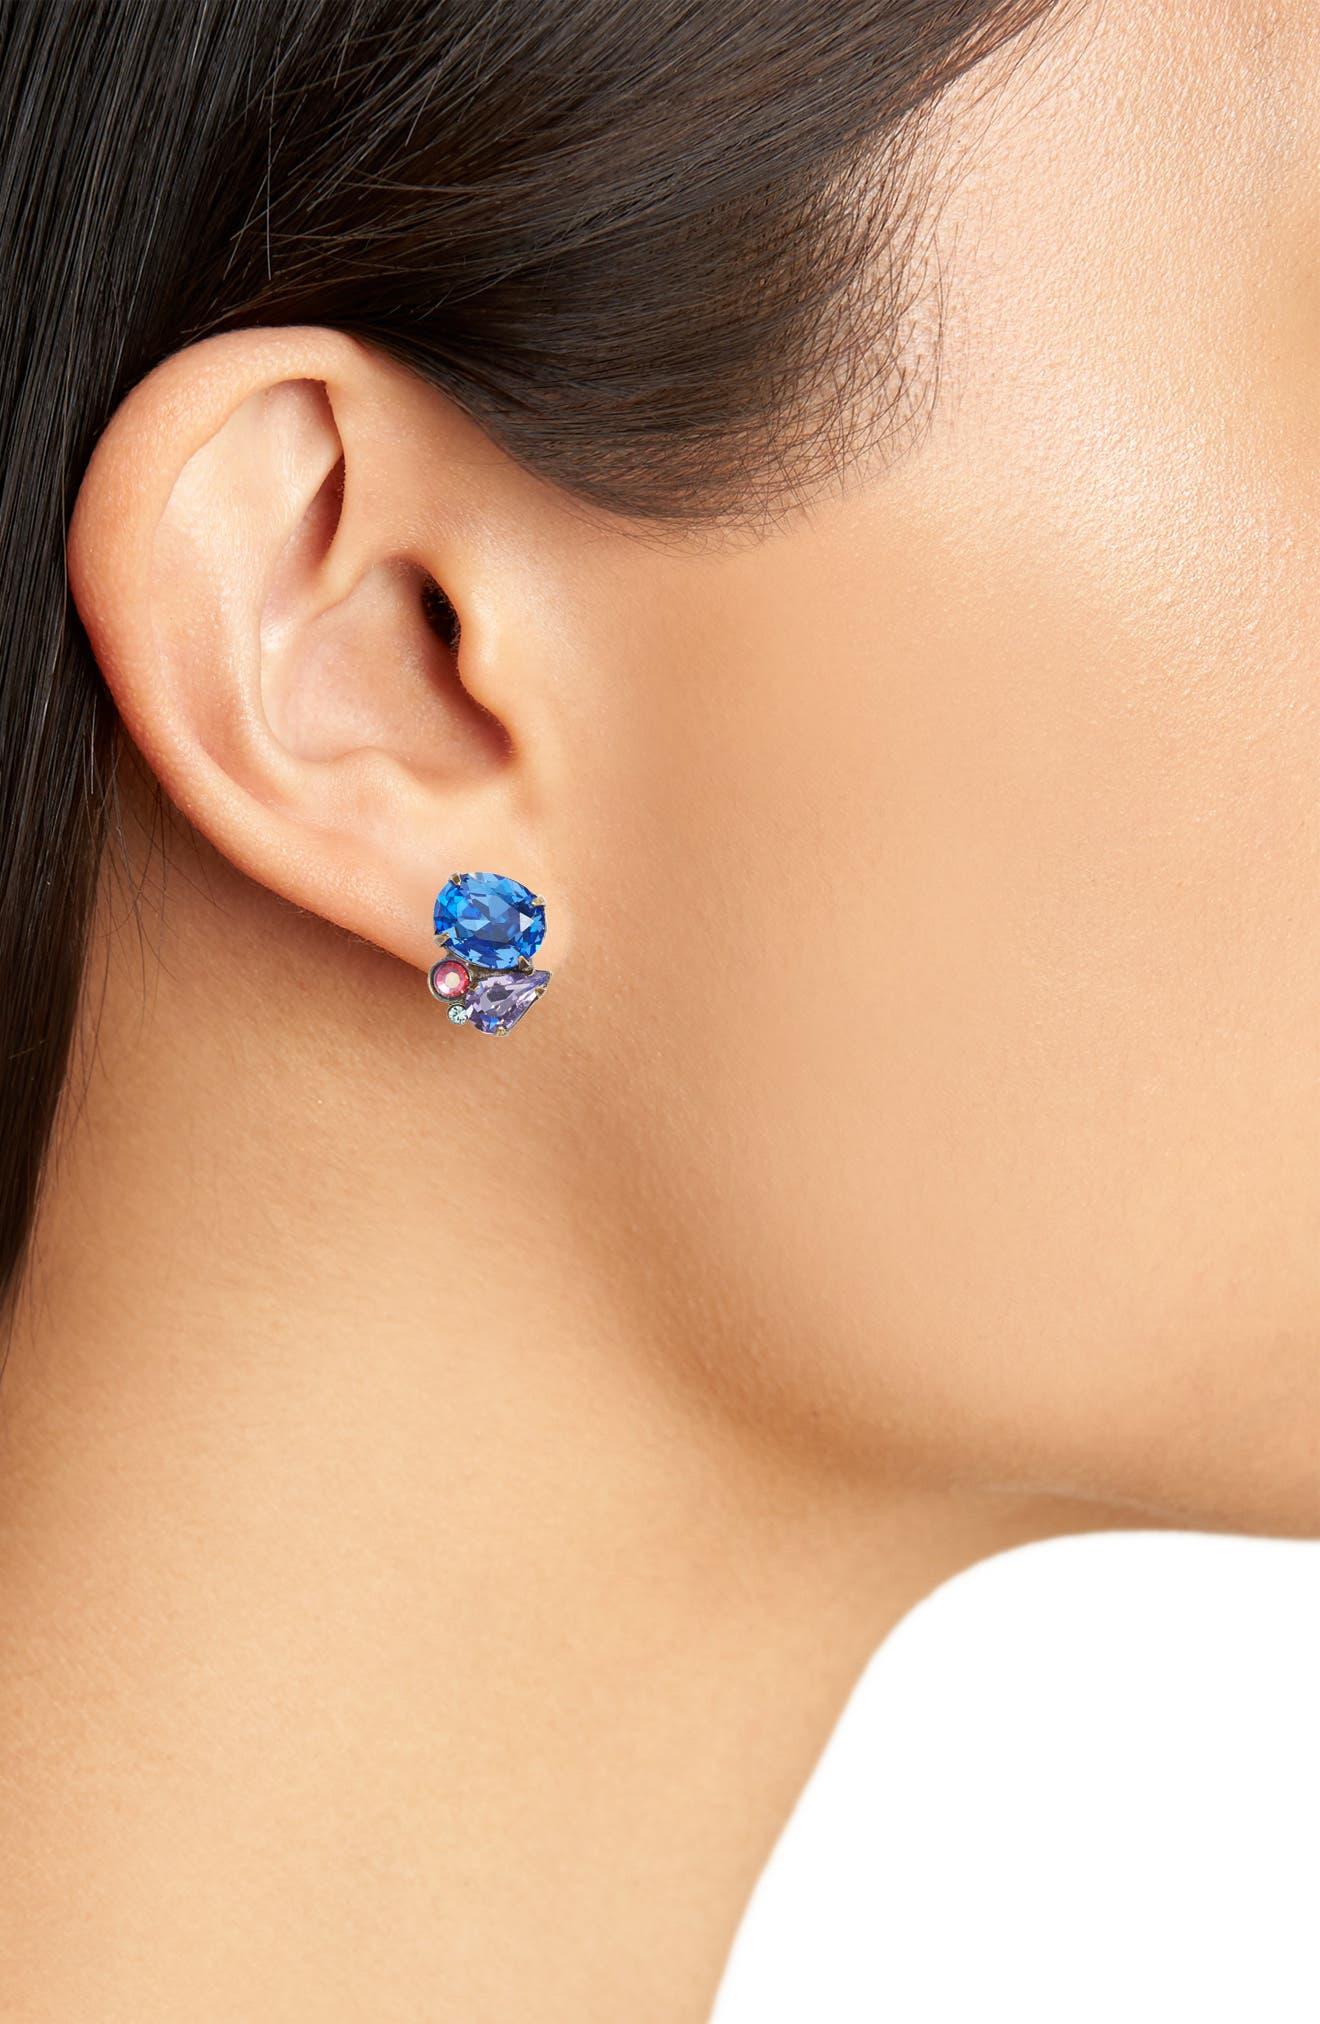 Mayflower Crystal Earrings,                             Alternate thumbnail 2, color,                             BLUE